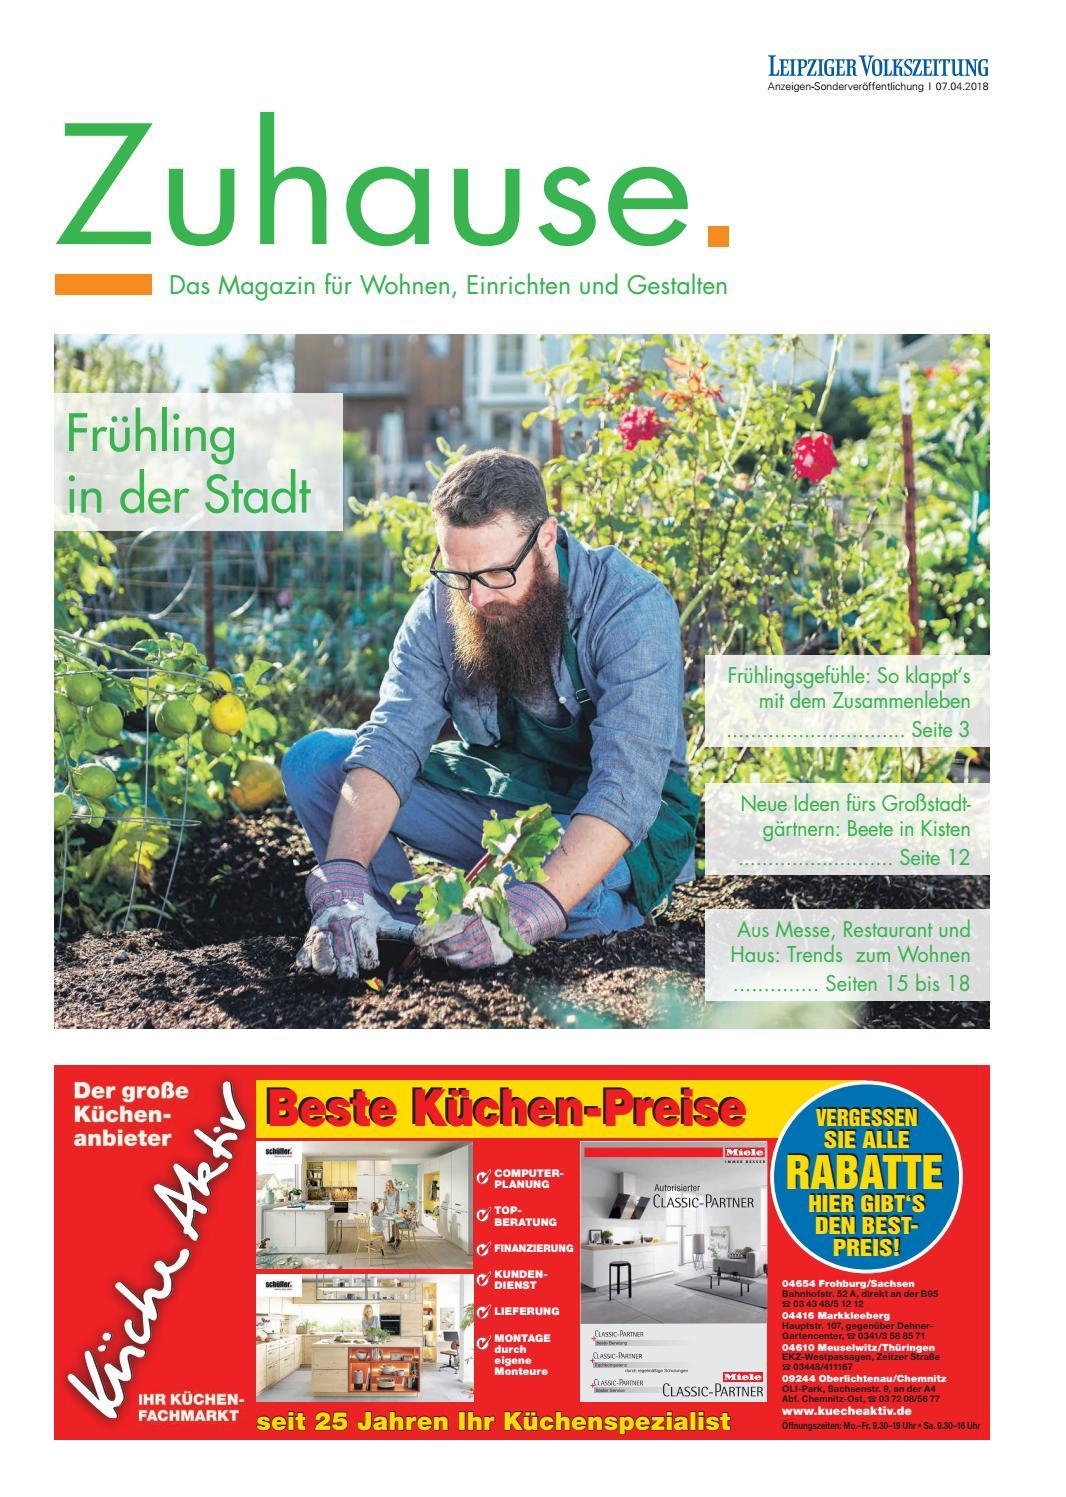 Zuhause April 2018 Das Magazin Fur Wohnen Einrichten Und